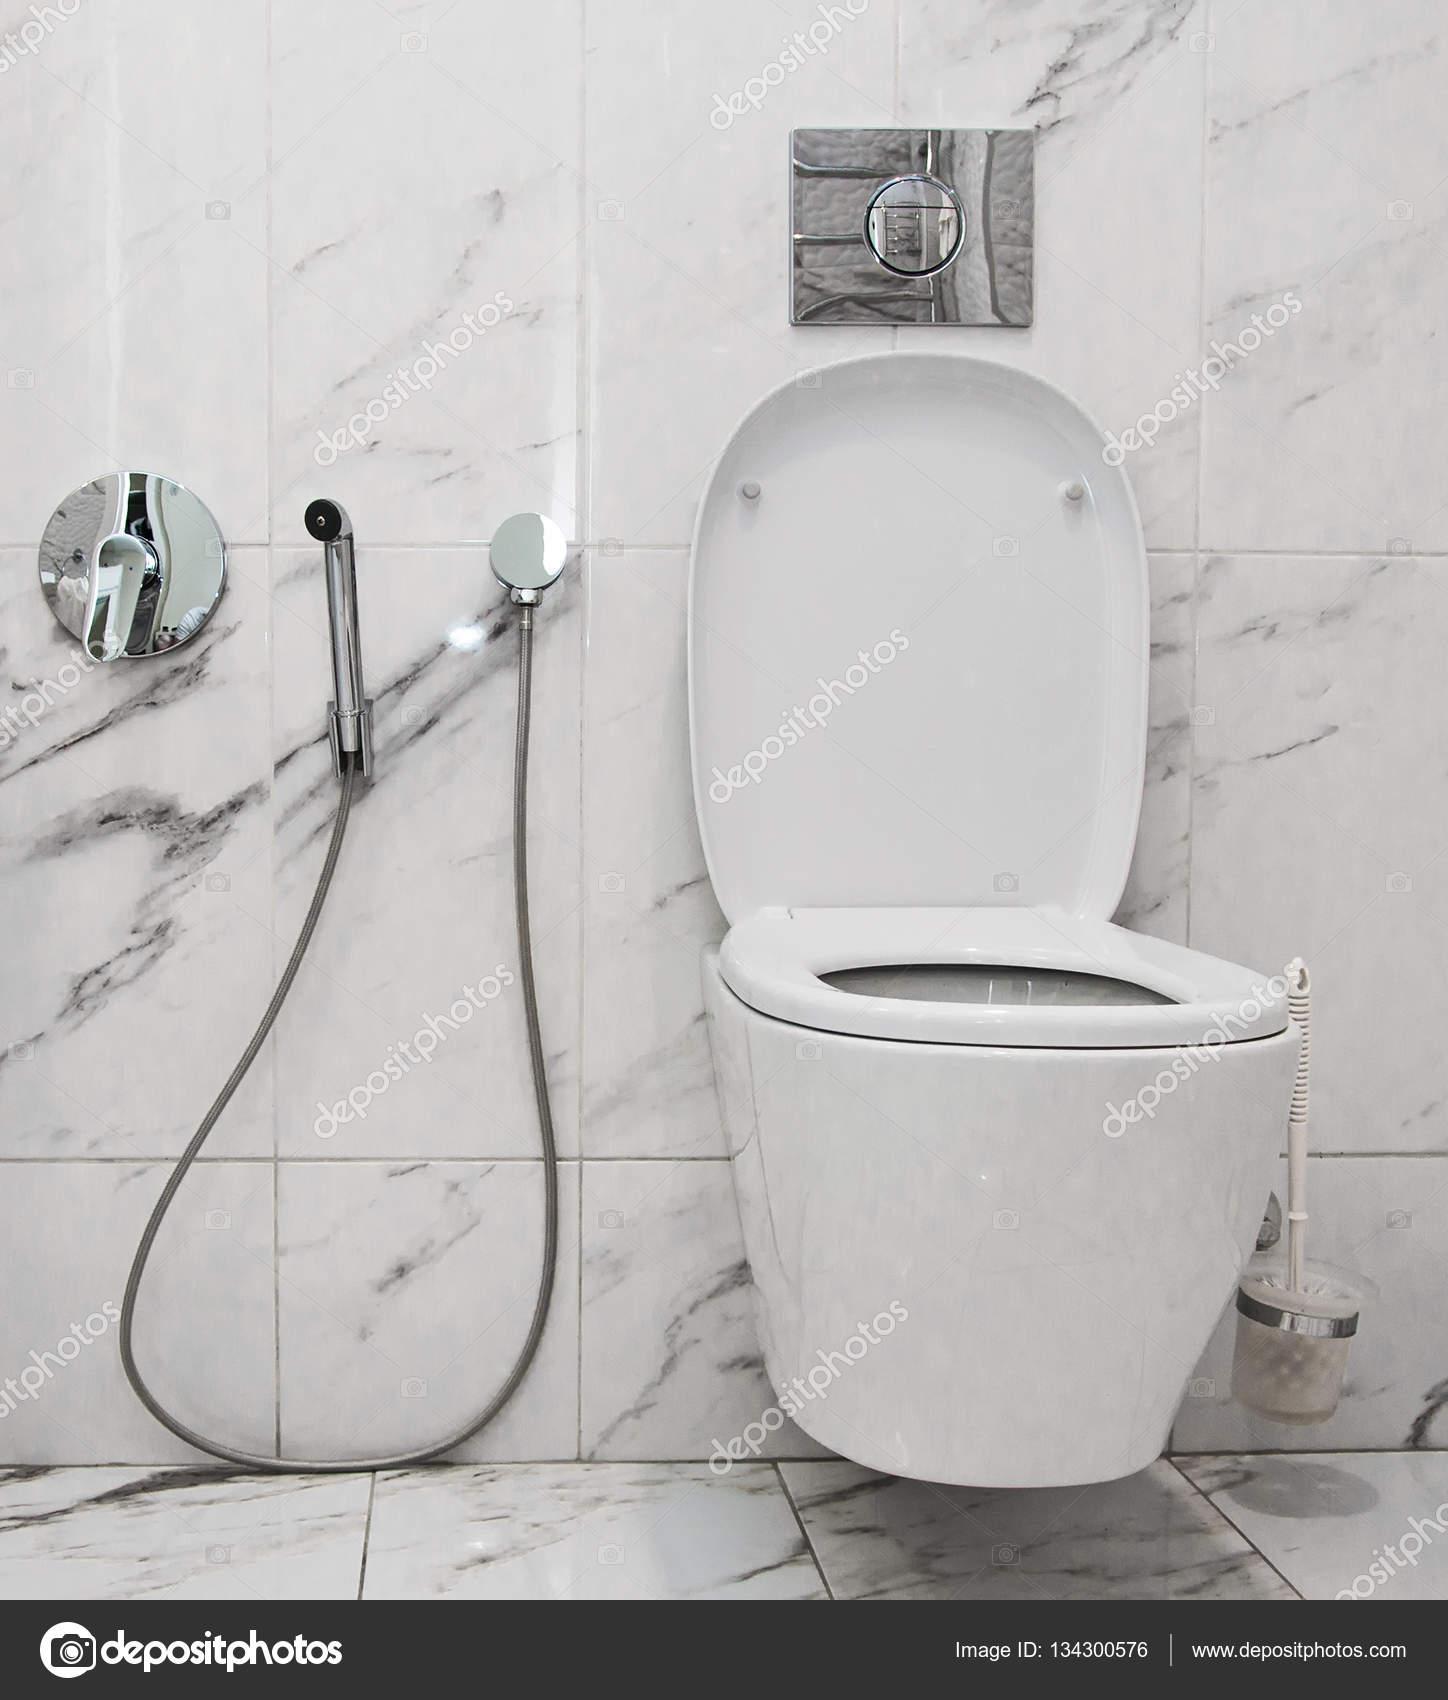 Wnętrze łazienki Toaleta I Bidet Zdjęcie Stockowe